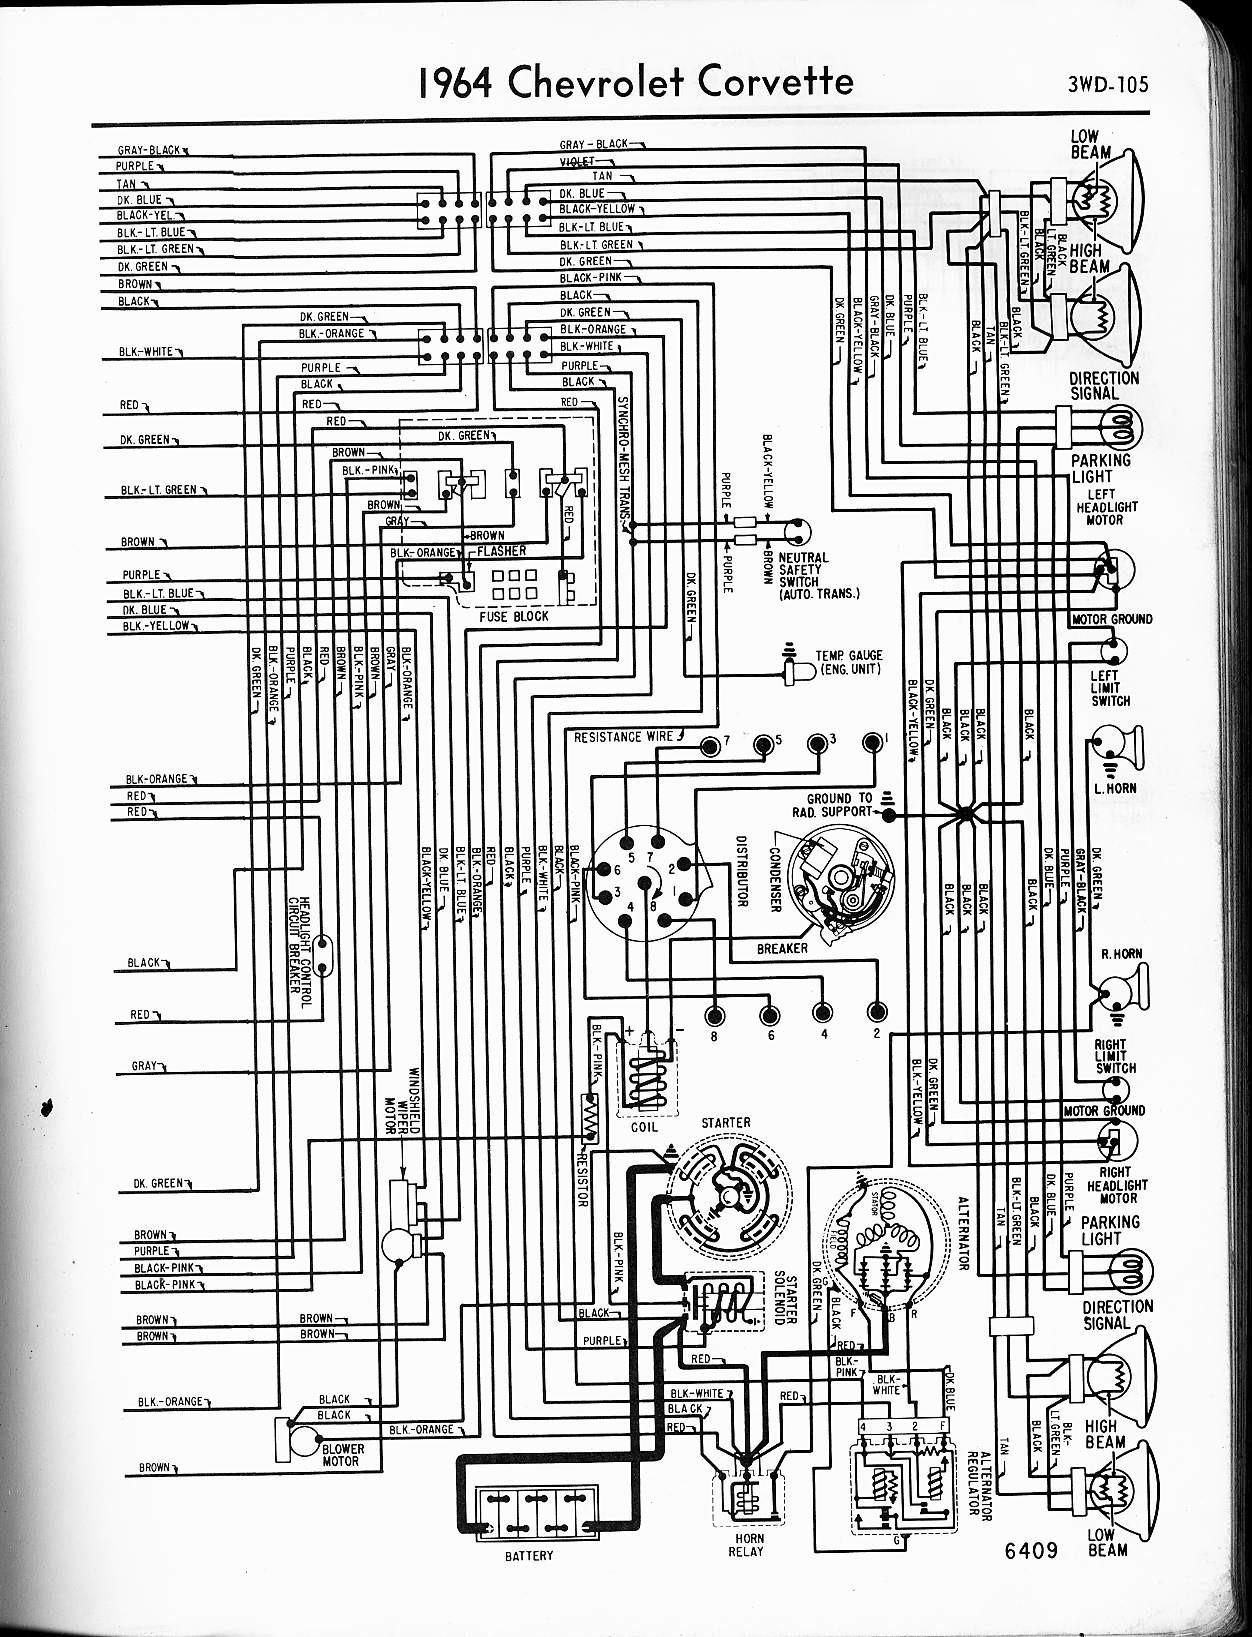 1964 Corvette Wiring Harness Library. 1966 Corvette Ac Wiring Auto Electrical Diagram Rh Radtour Co 1964. Corvette. 1979 Corvette Wire Harness At Scoala.co